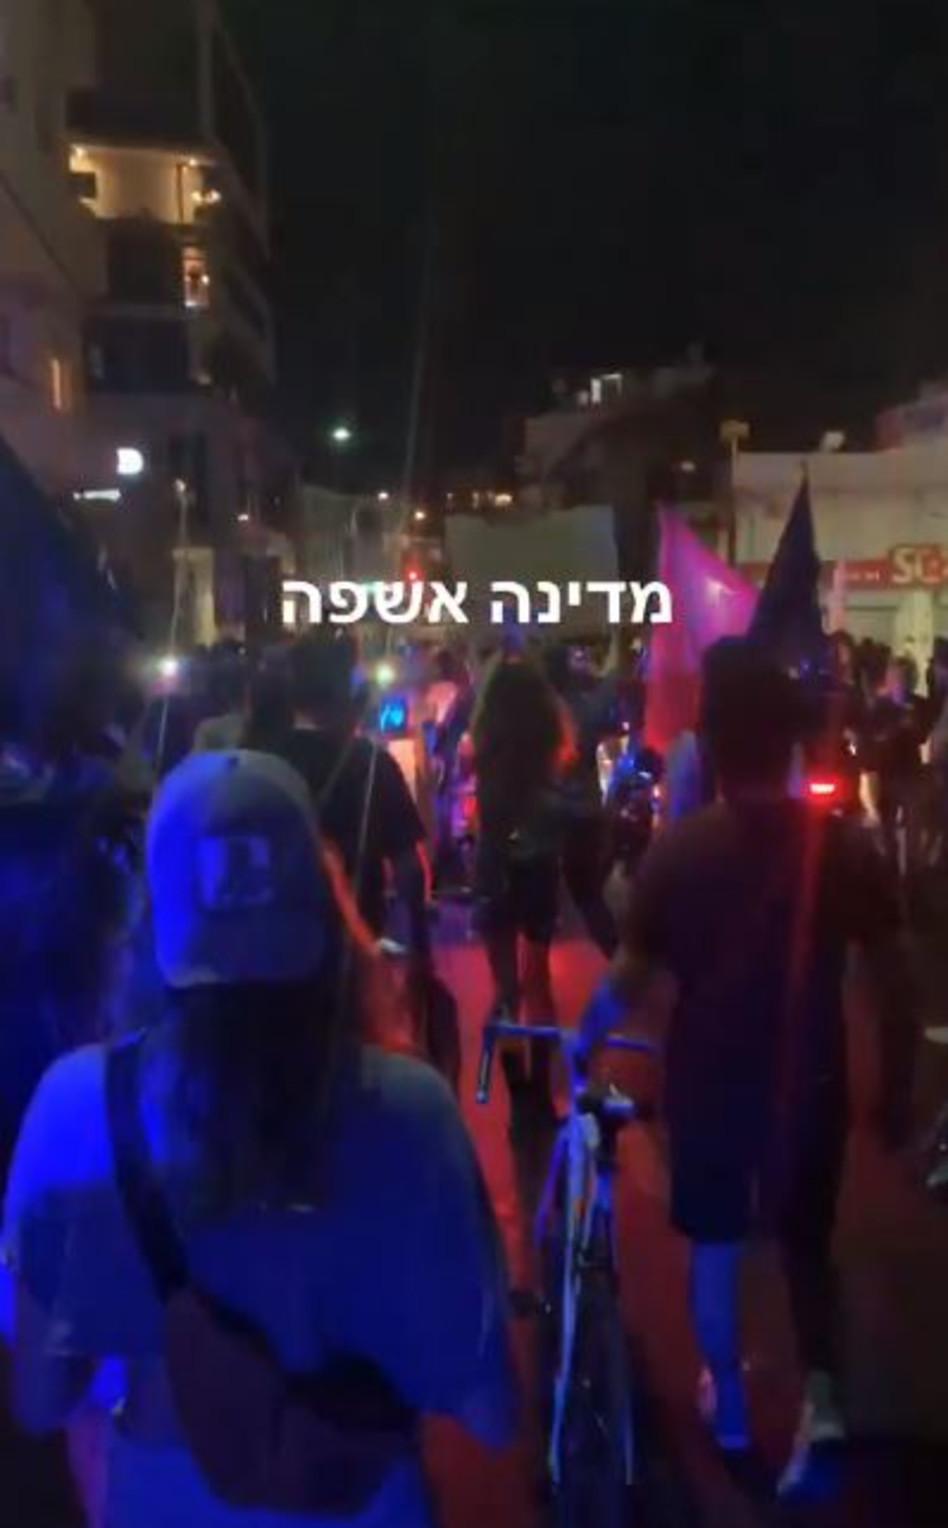 מאור שוויצר מתעד מההפגנה בתל אביב (צילום: צילום מסך אינסטגרם)